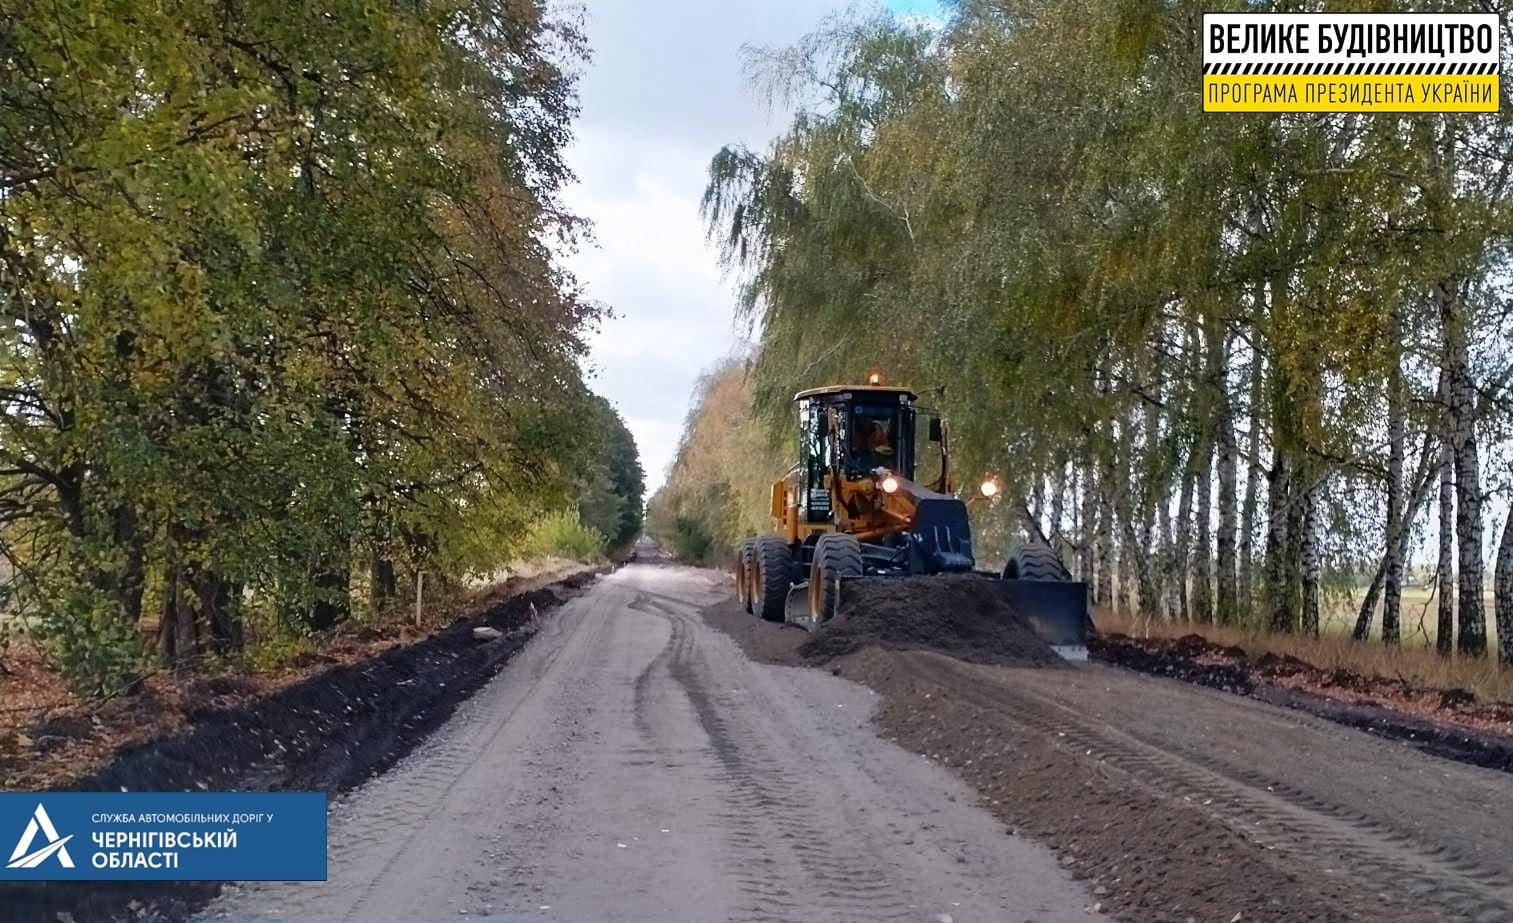 Хід реалізації «Великого будівництва» на державних трасах у Чернігівській області (Фото)